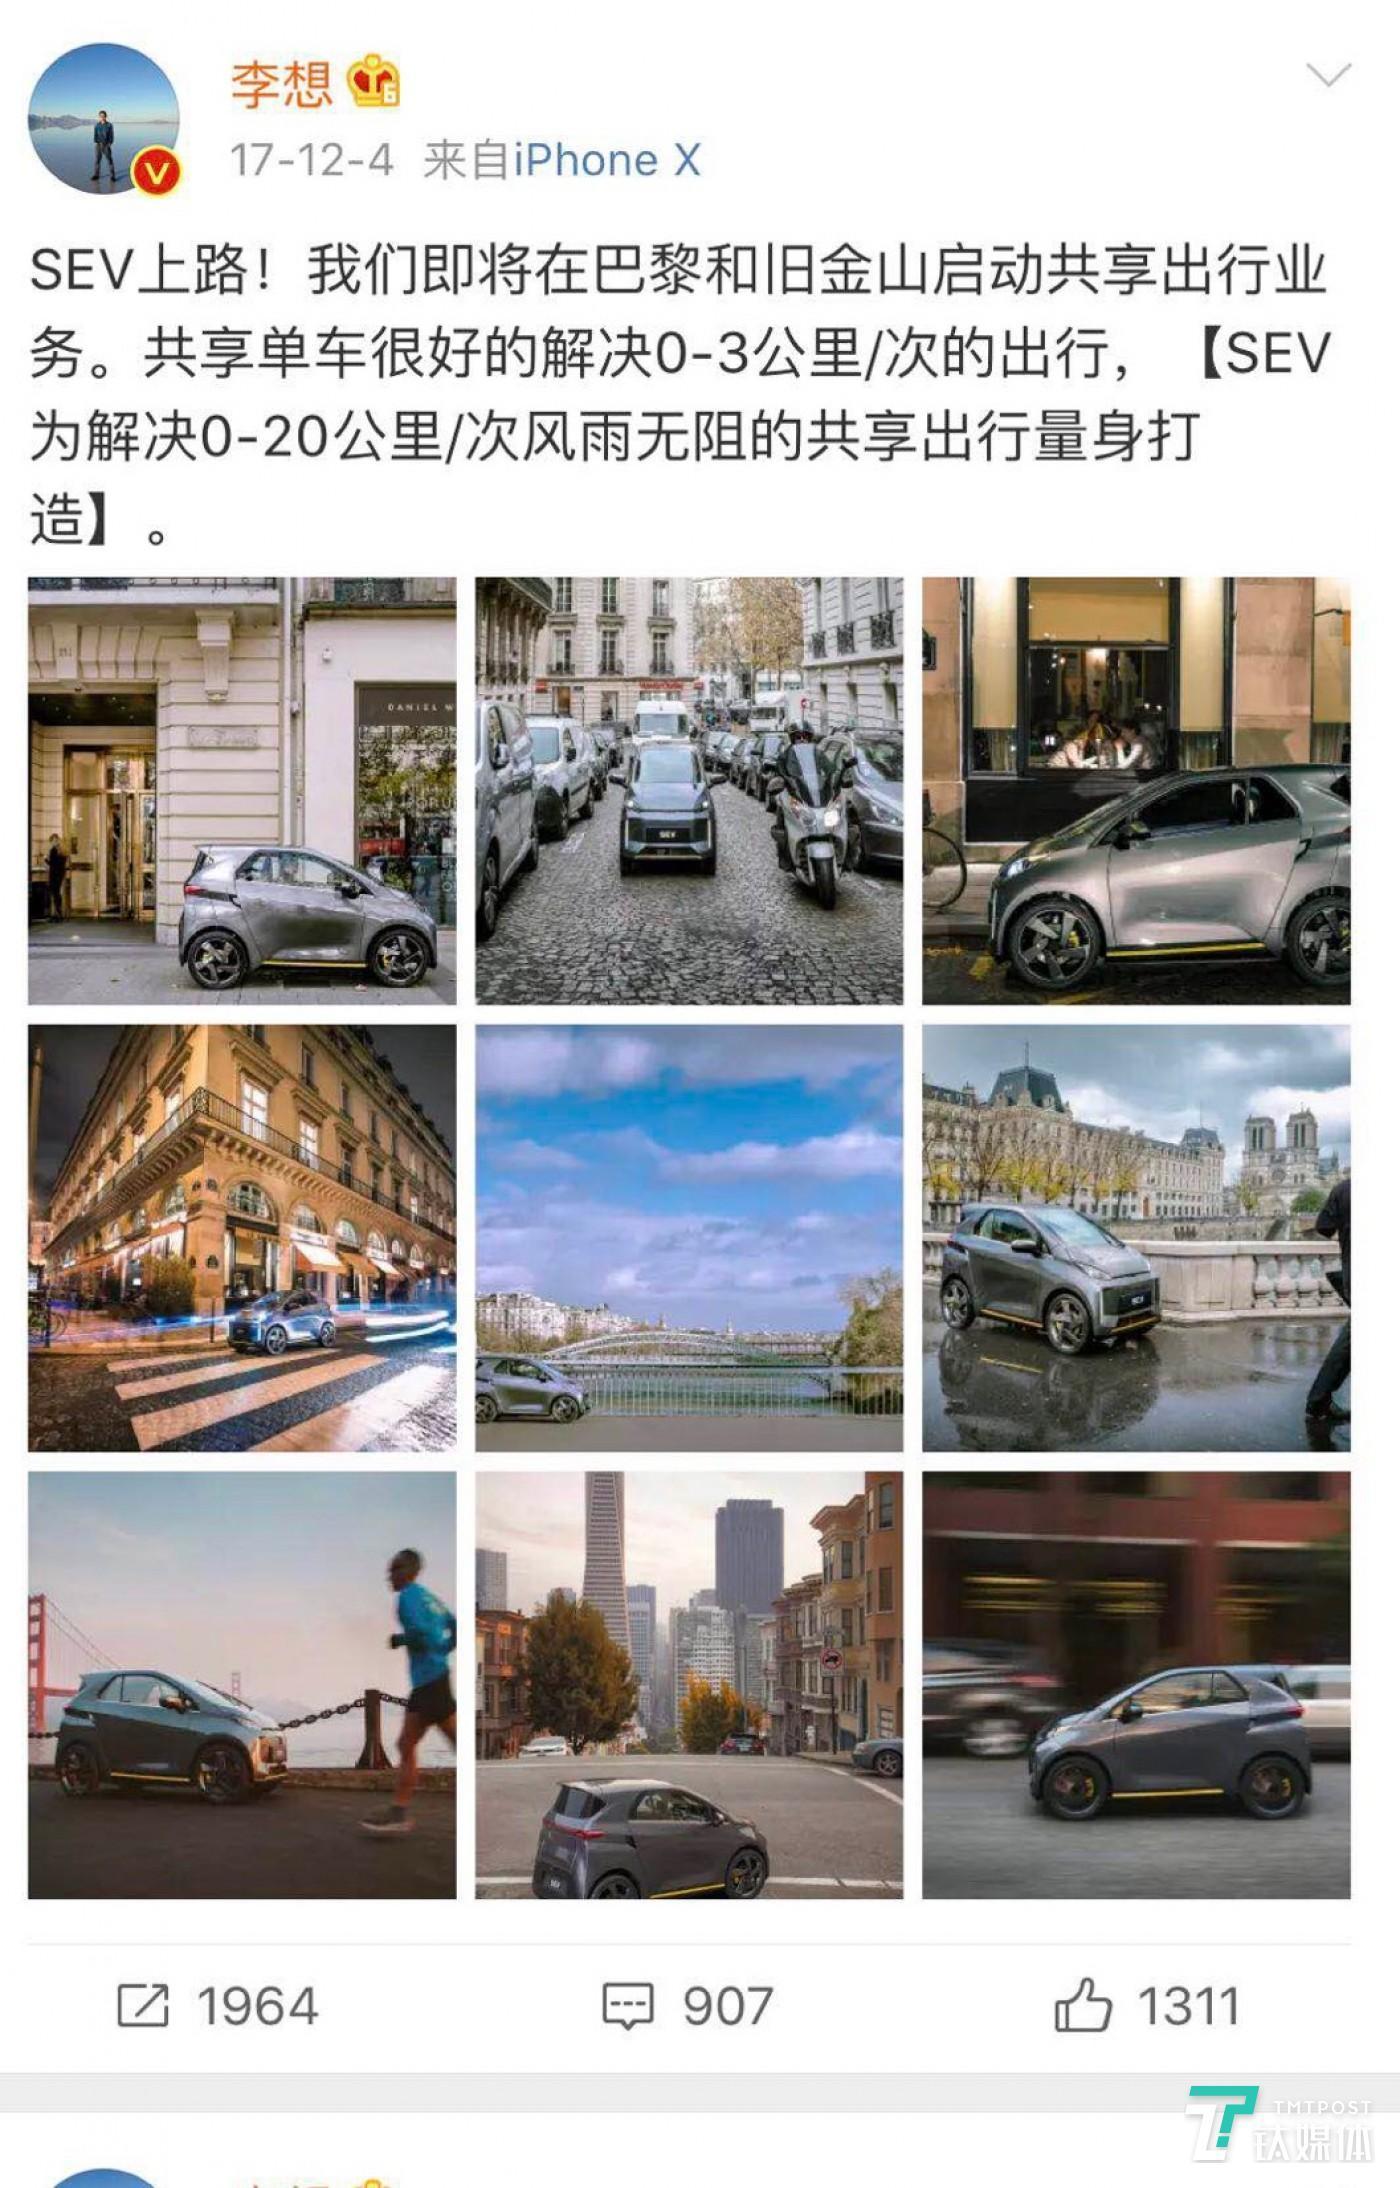 李想微博披露SEV进军欧洲分时租赁市场